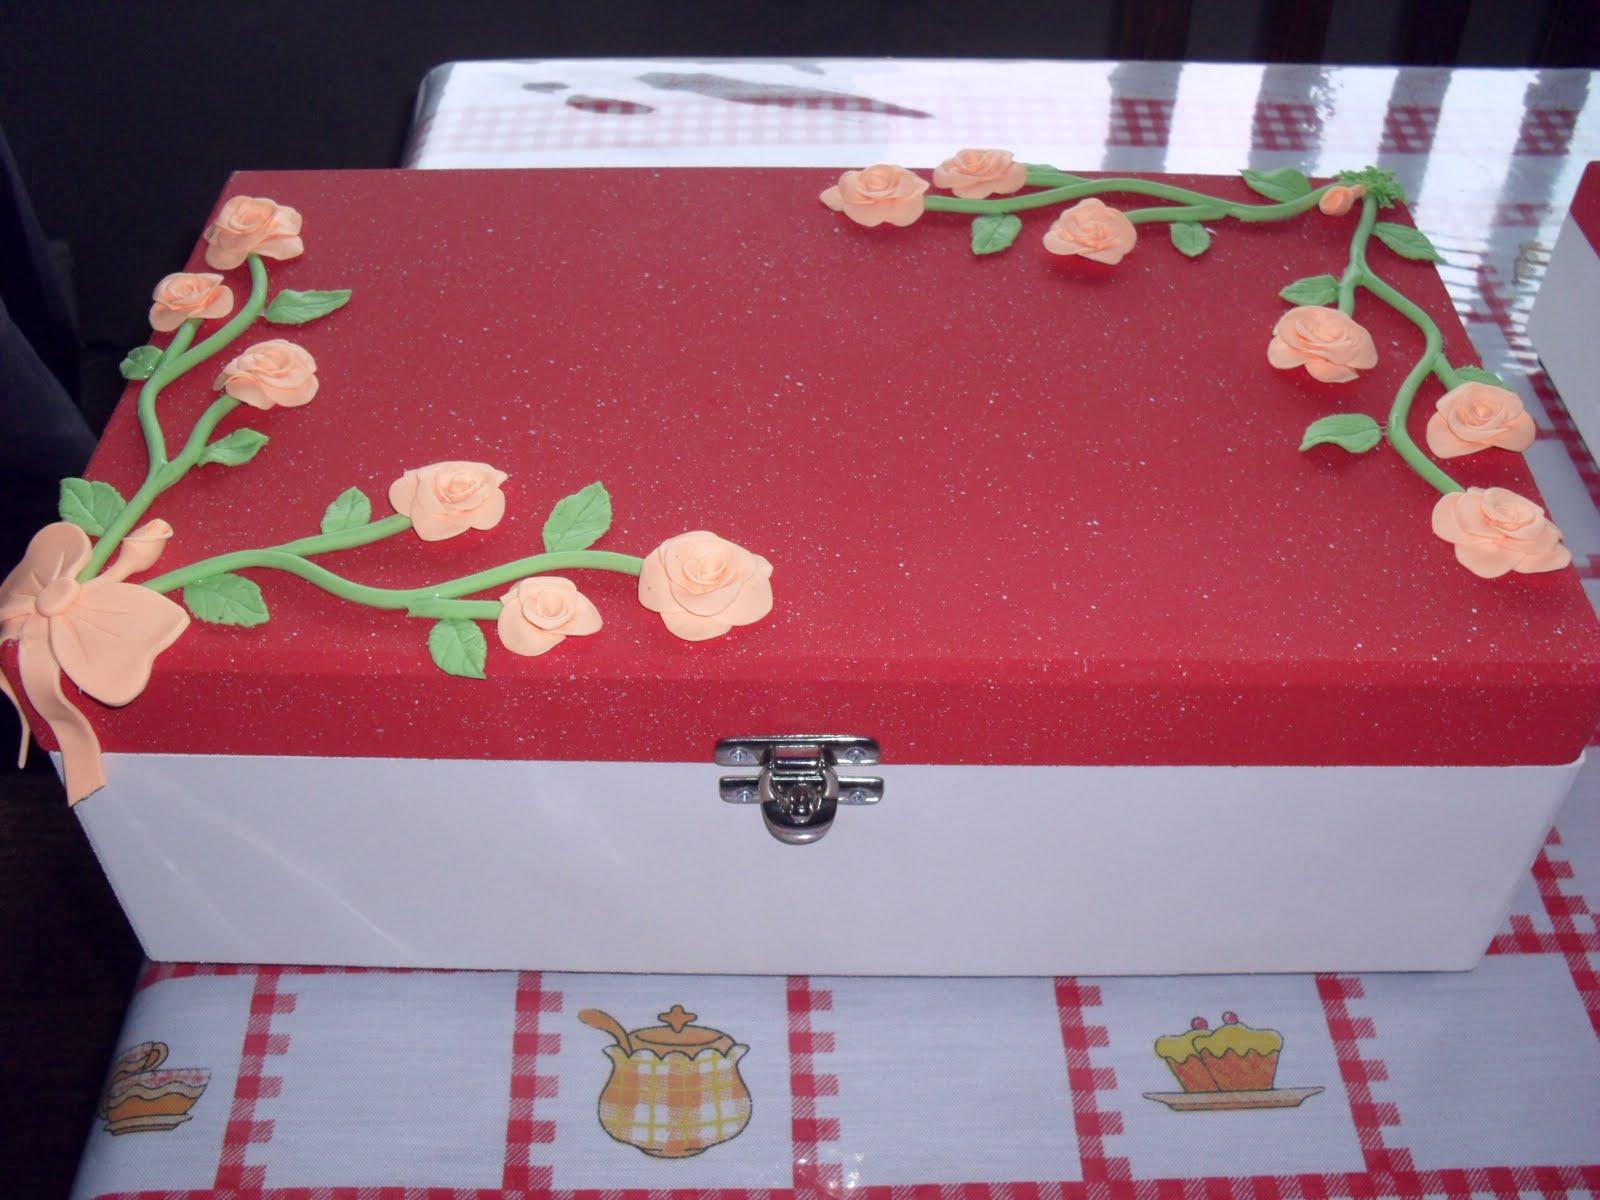 Découpage e Patchwork em MDF: Caixas de Vinho decoradas com Biscuit #A14D2A 1600x1200